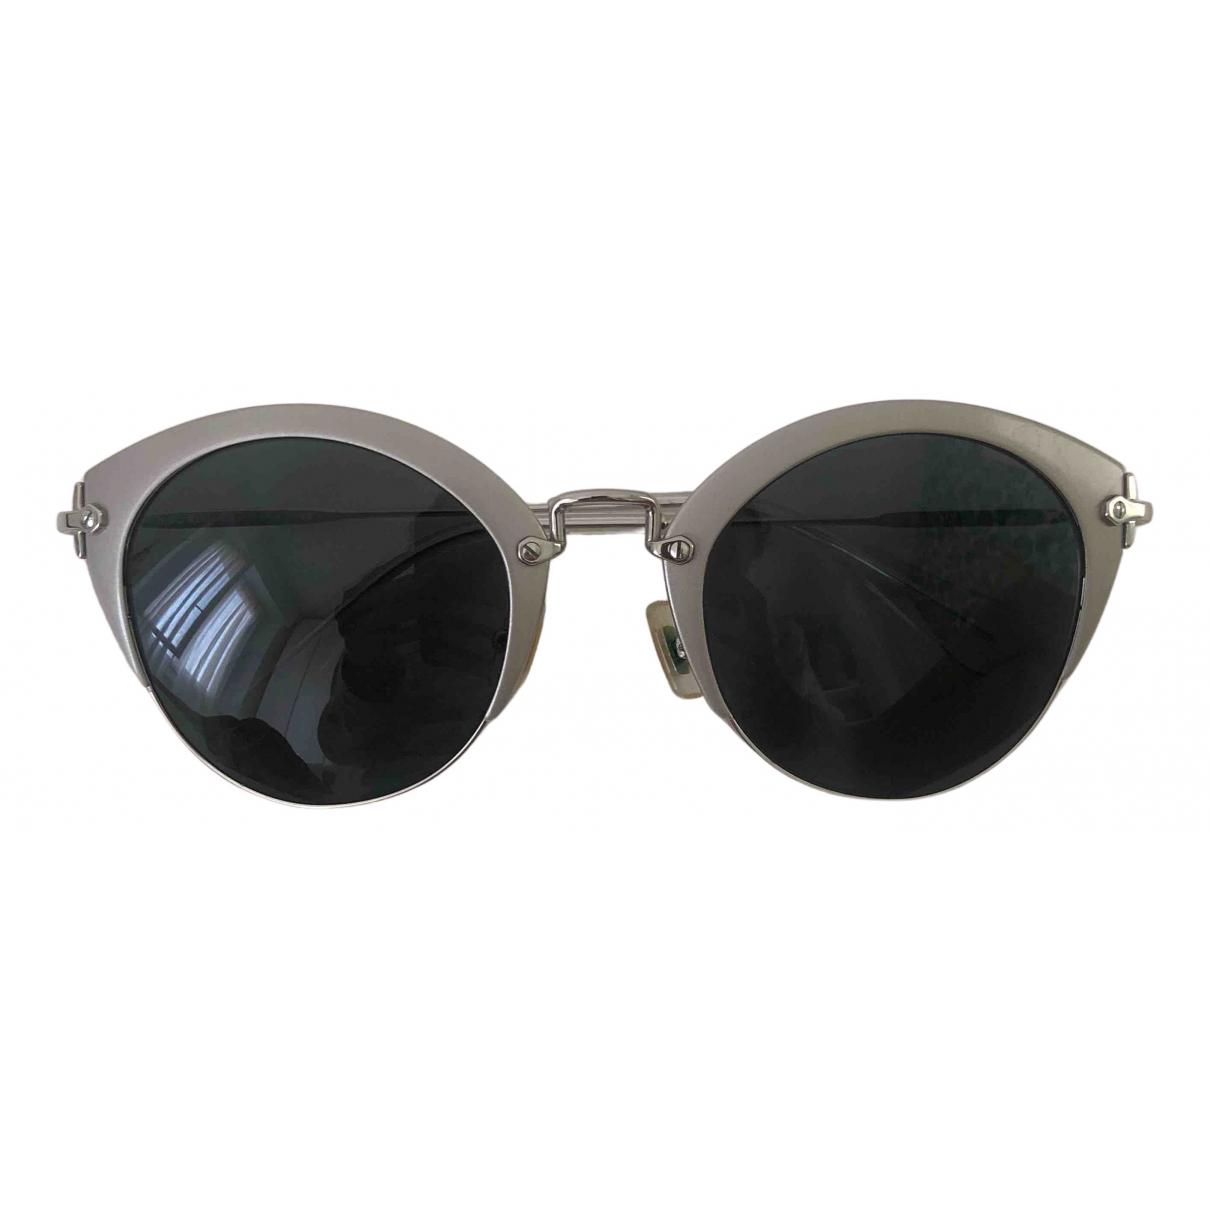 Miu Miu N Metal Sunglasses for Women N